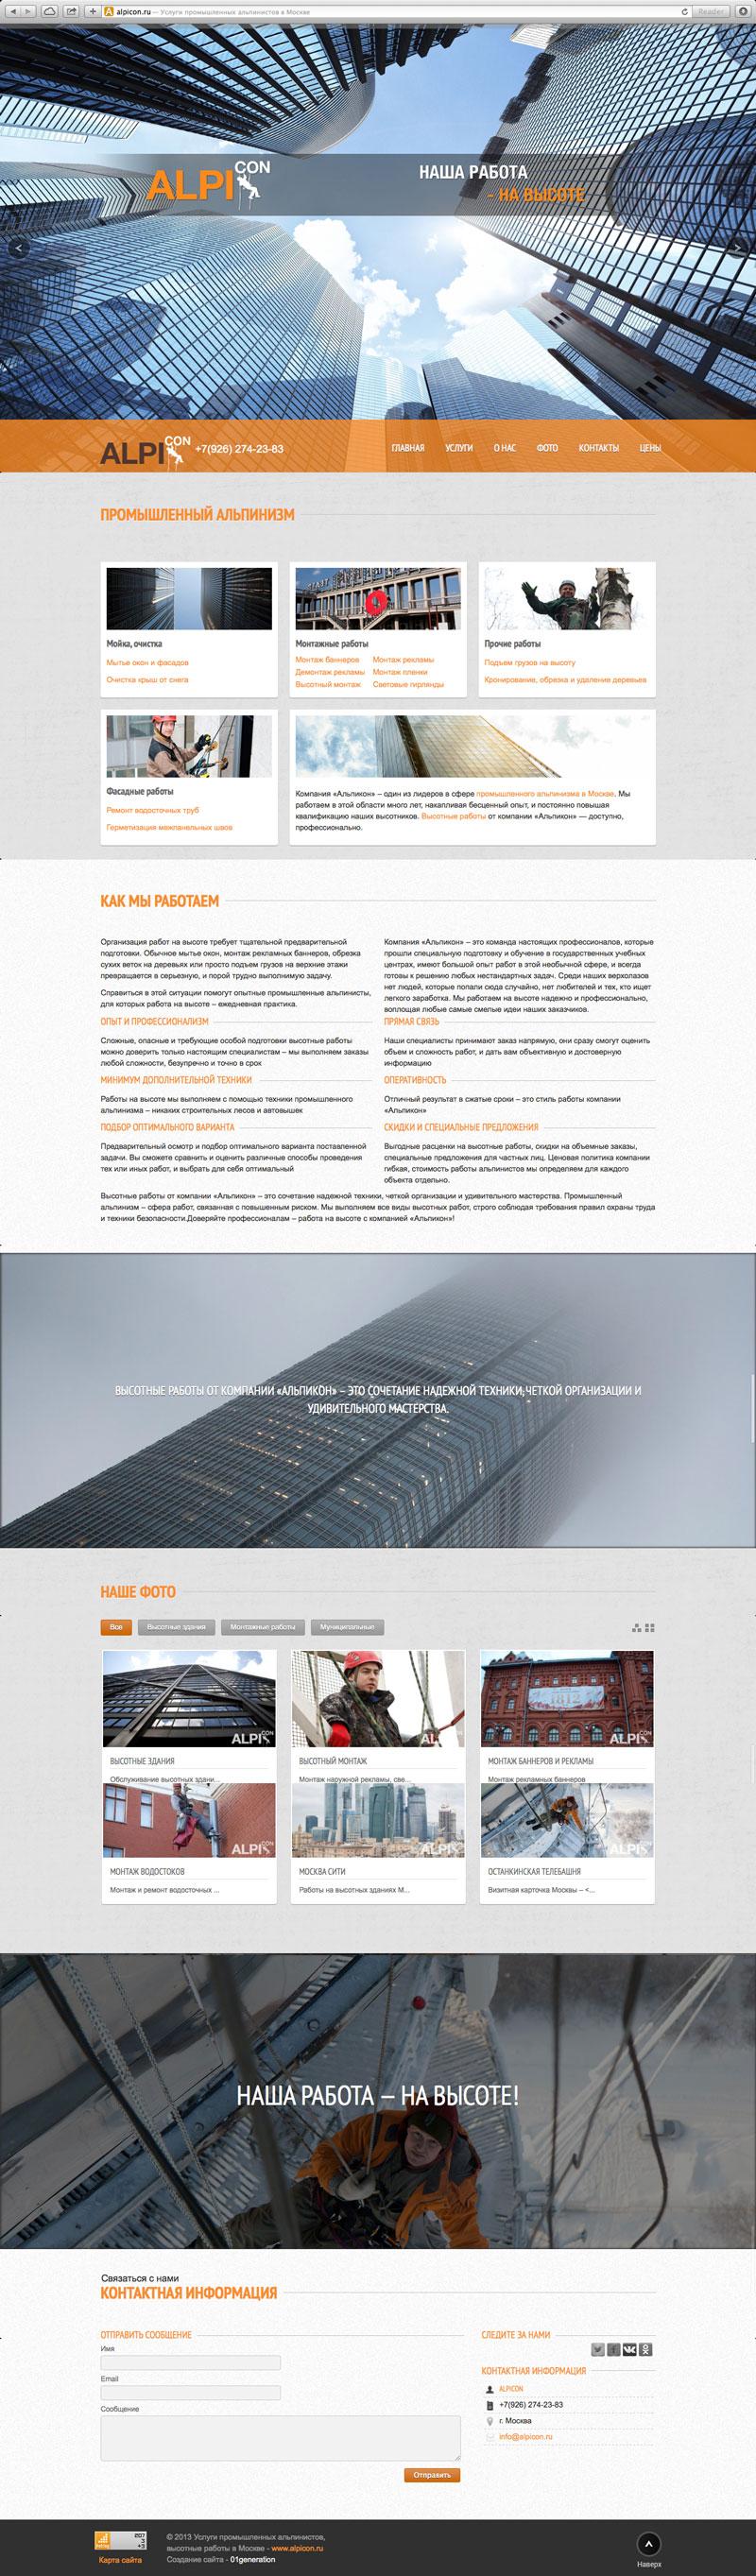 Создание сайта услуг промышленных альпинистов